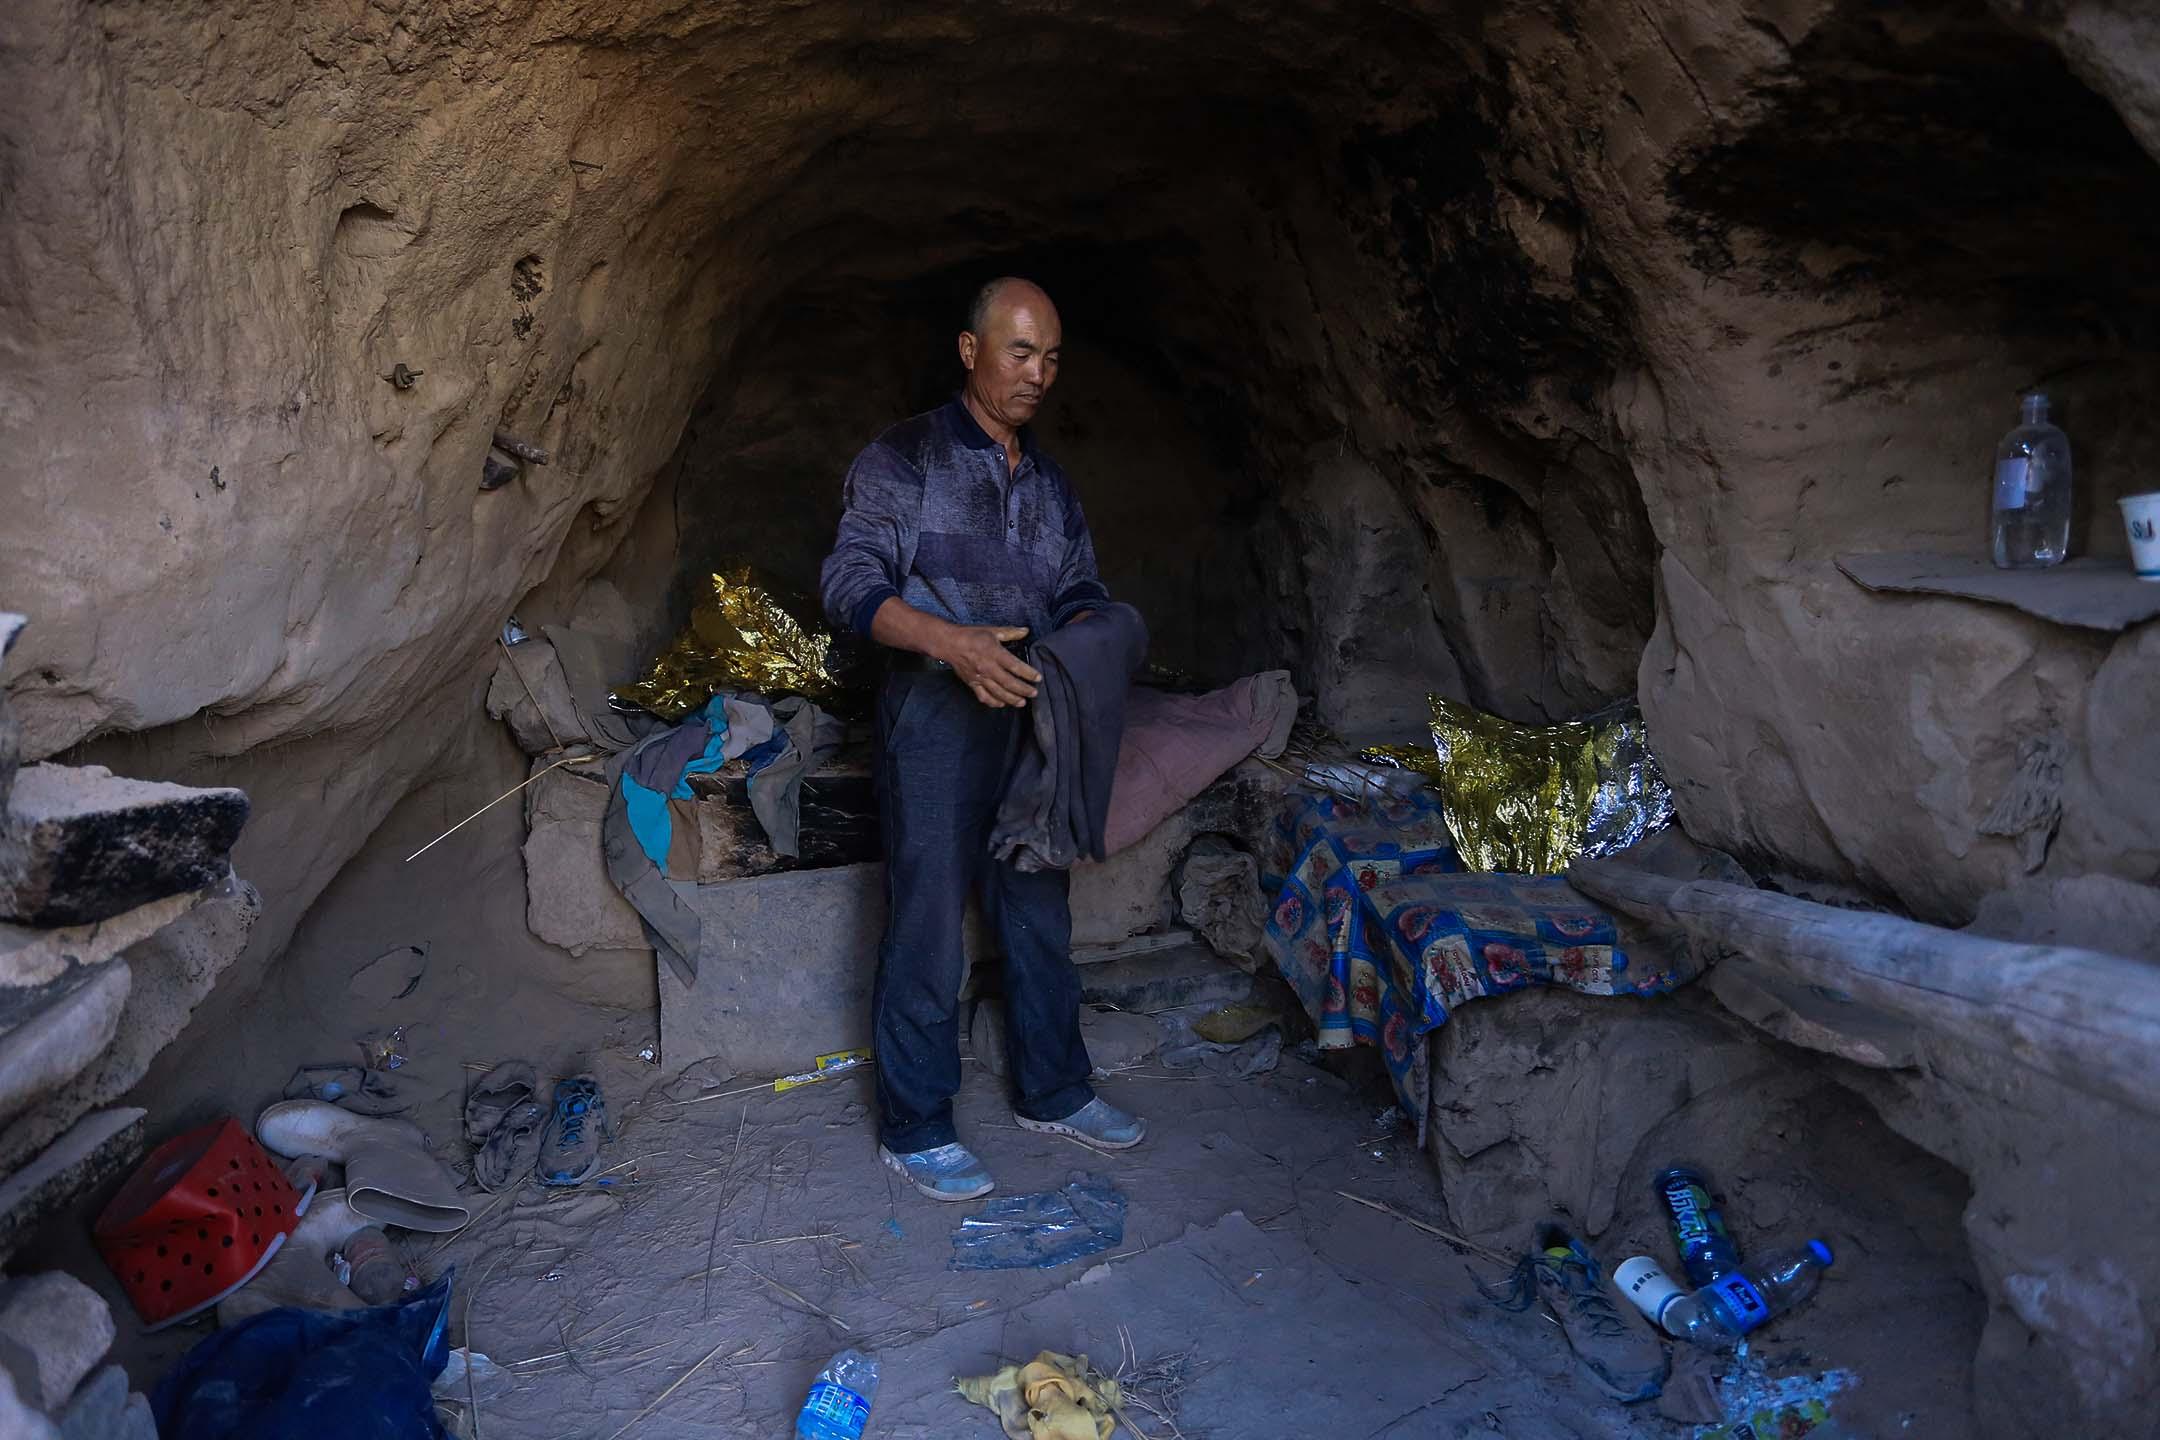 2021年5月24日中國白銀市,一名牧羊人在一個山洞,他稱於白銀越野跑中挽救了六名選手的生命。